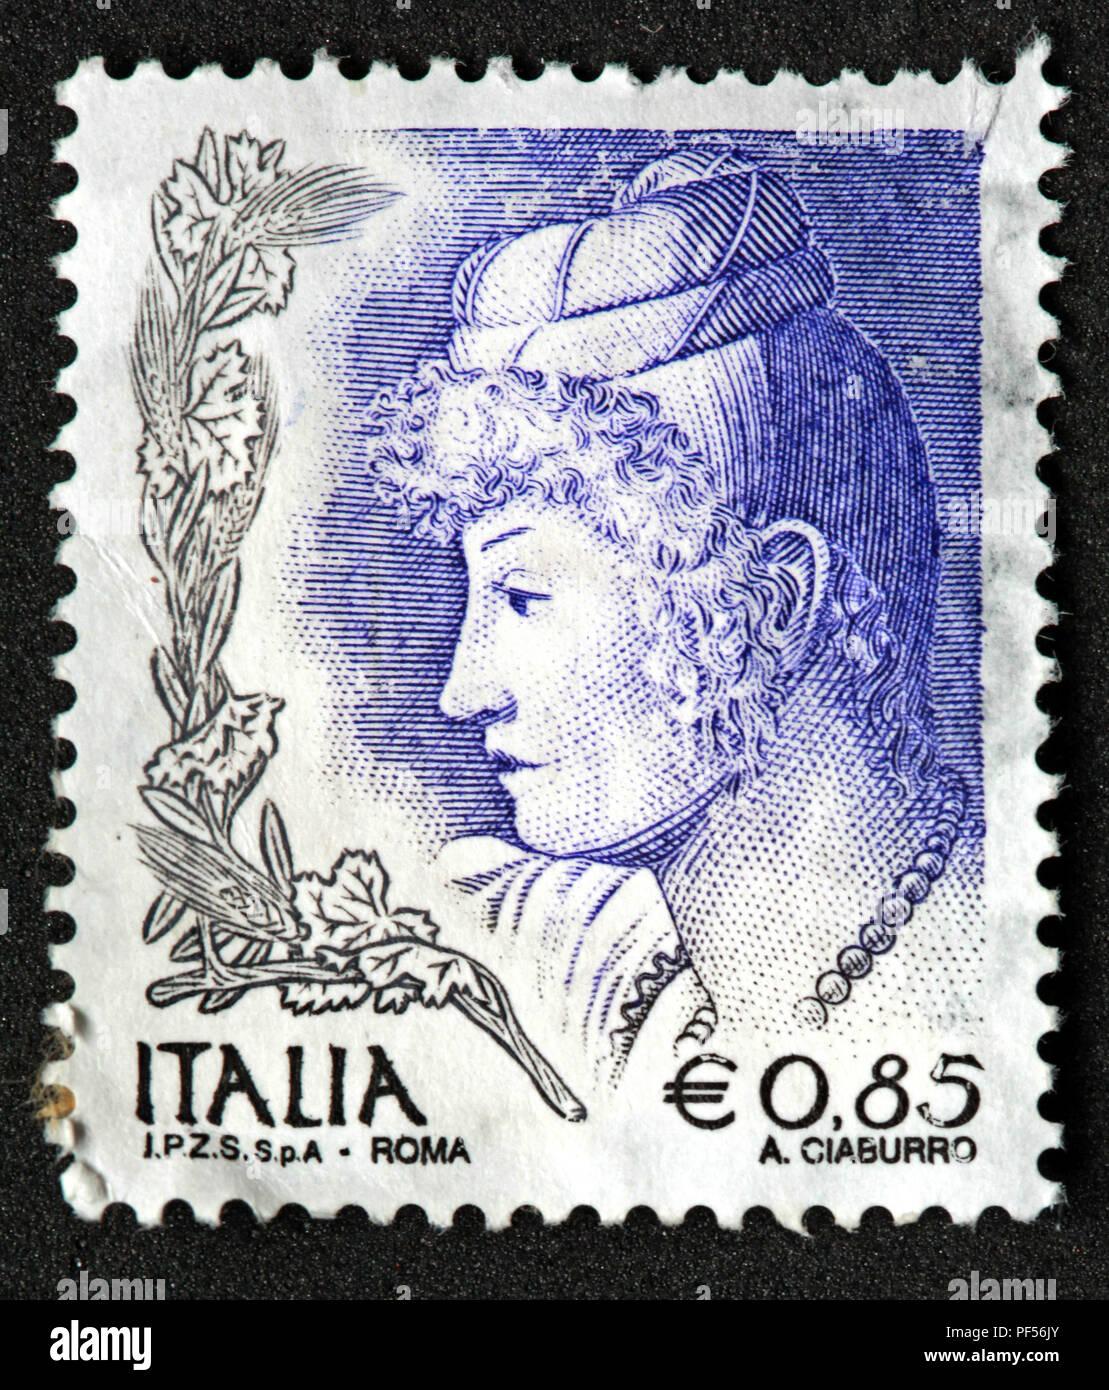 Used blue Italia IPZS Spa stamp - Roma - 0.85 euro - A Ciaburro - Stock Image